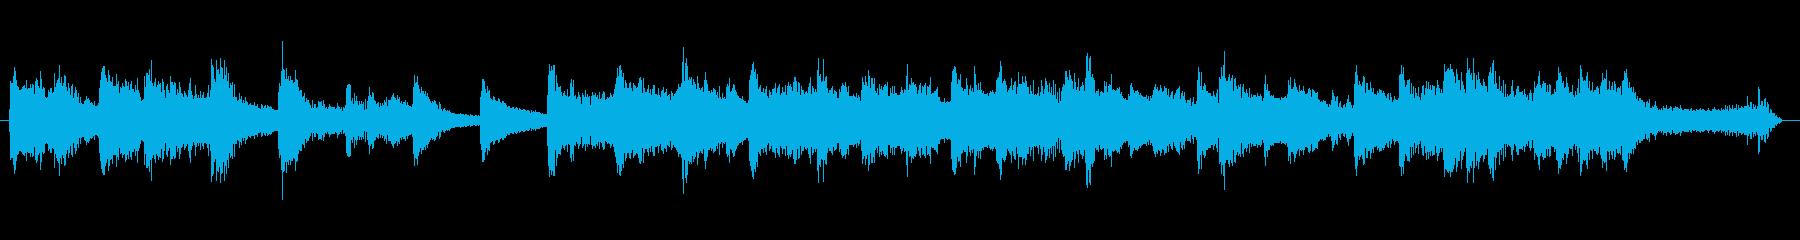 琴和風出囃子ジングルヨーロッパ風の再生済みの波形